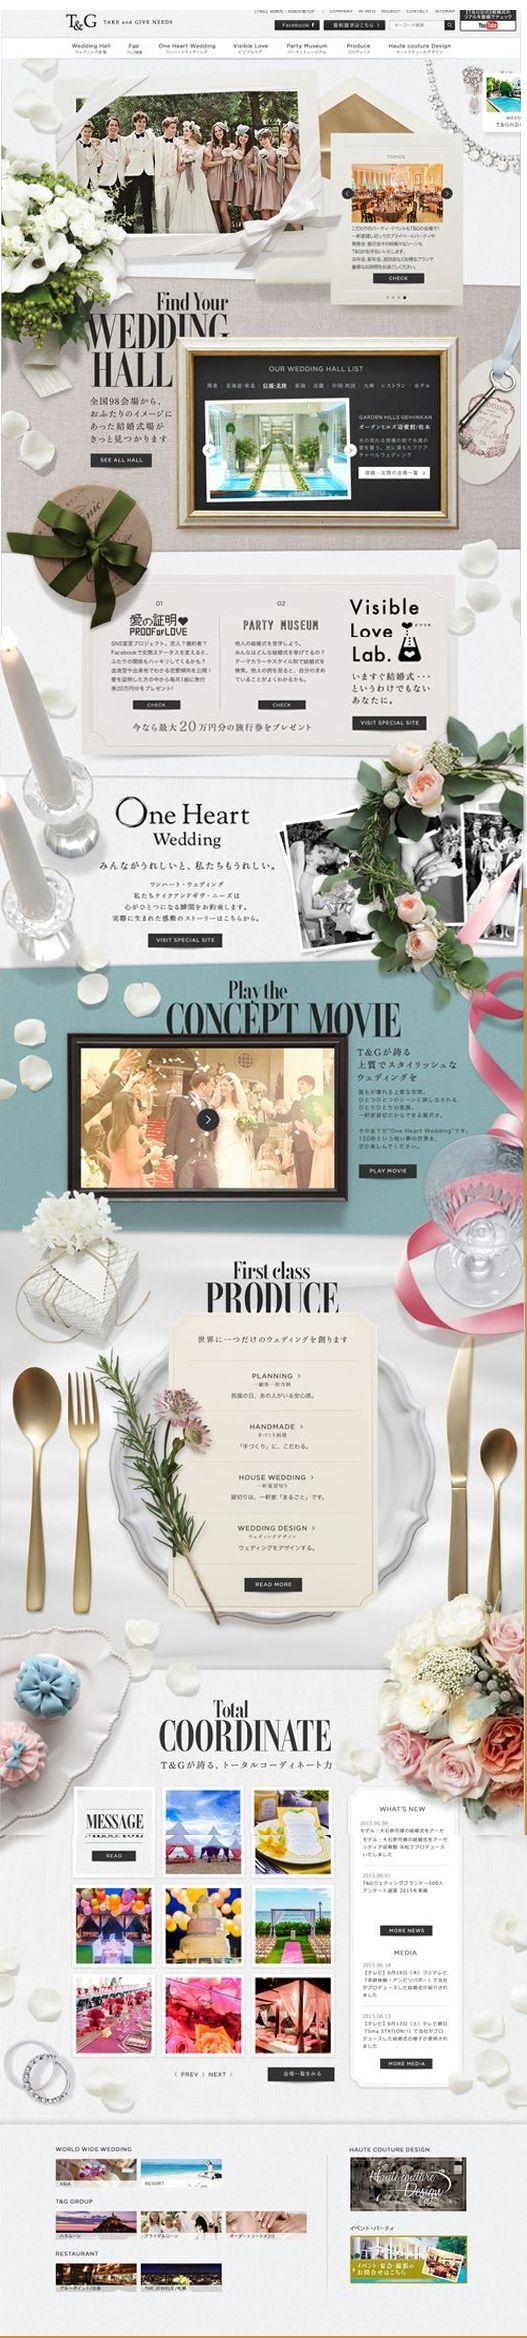 結婚式場のT&G 結婚式はオリジナルウェディングで #JapanTravelWebsite